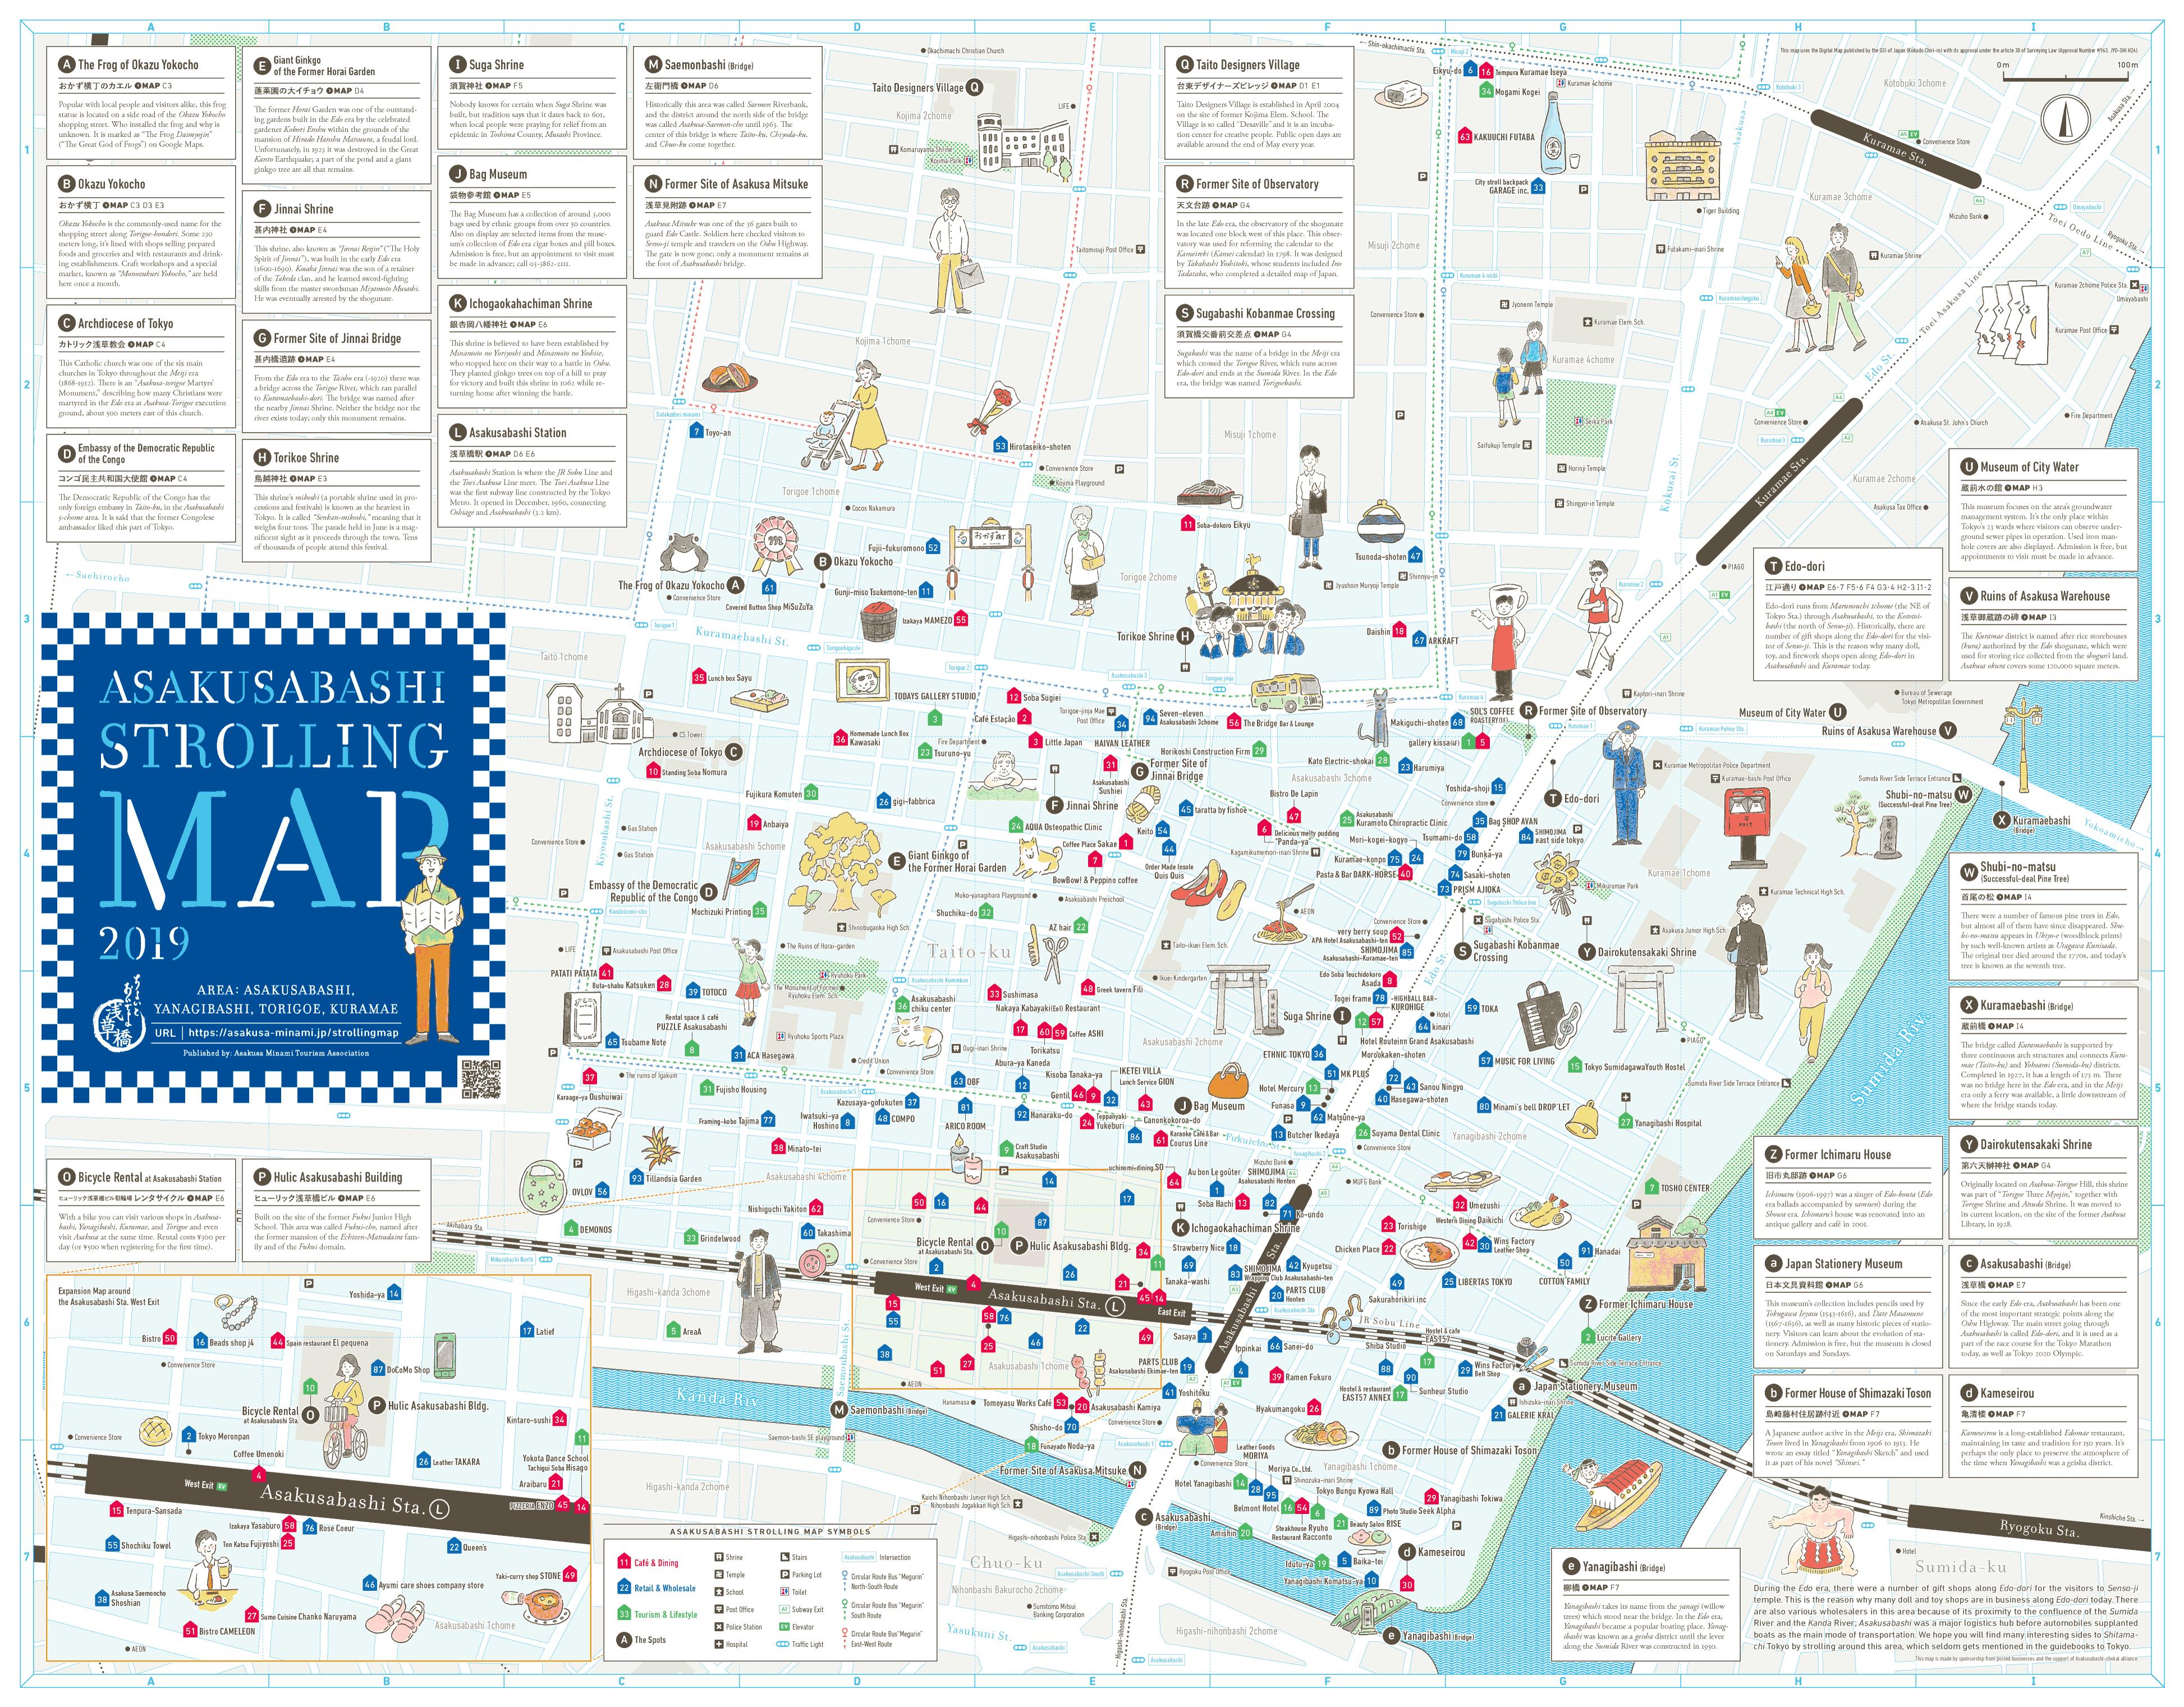 abm_en_map_190415